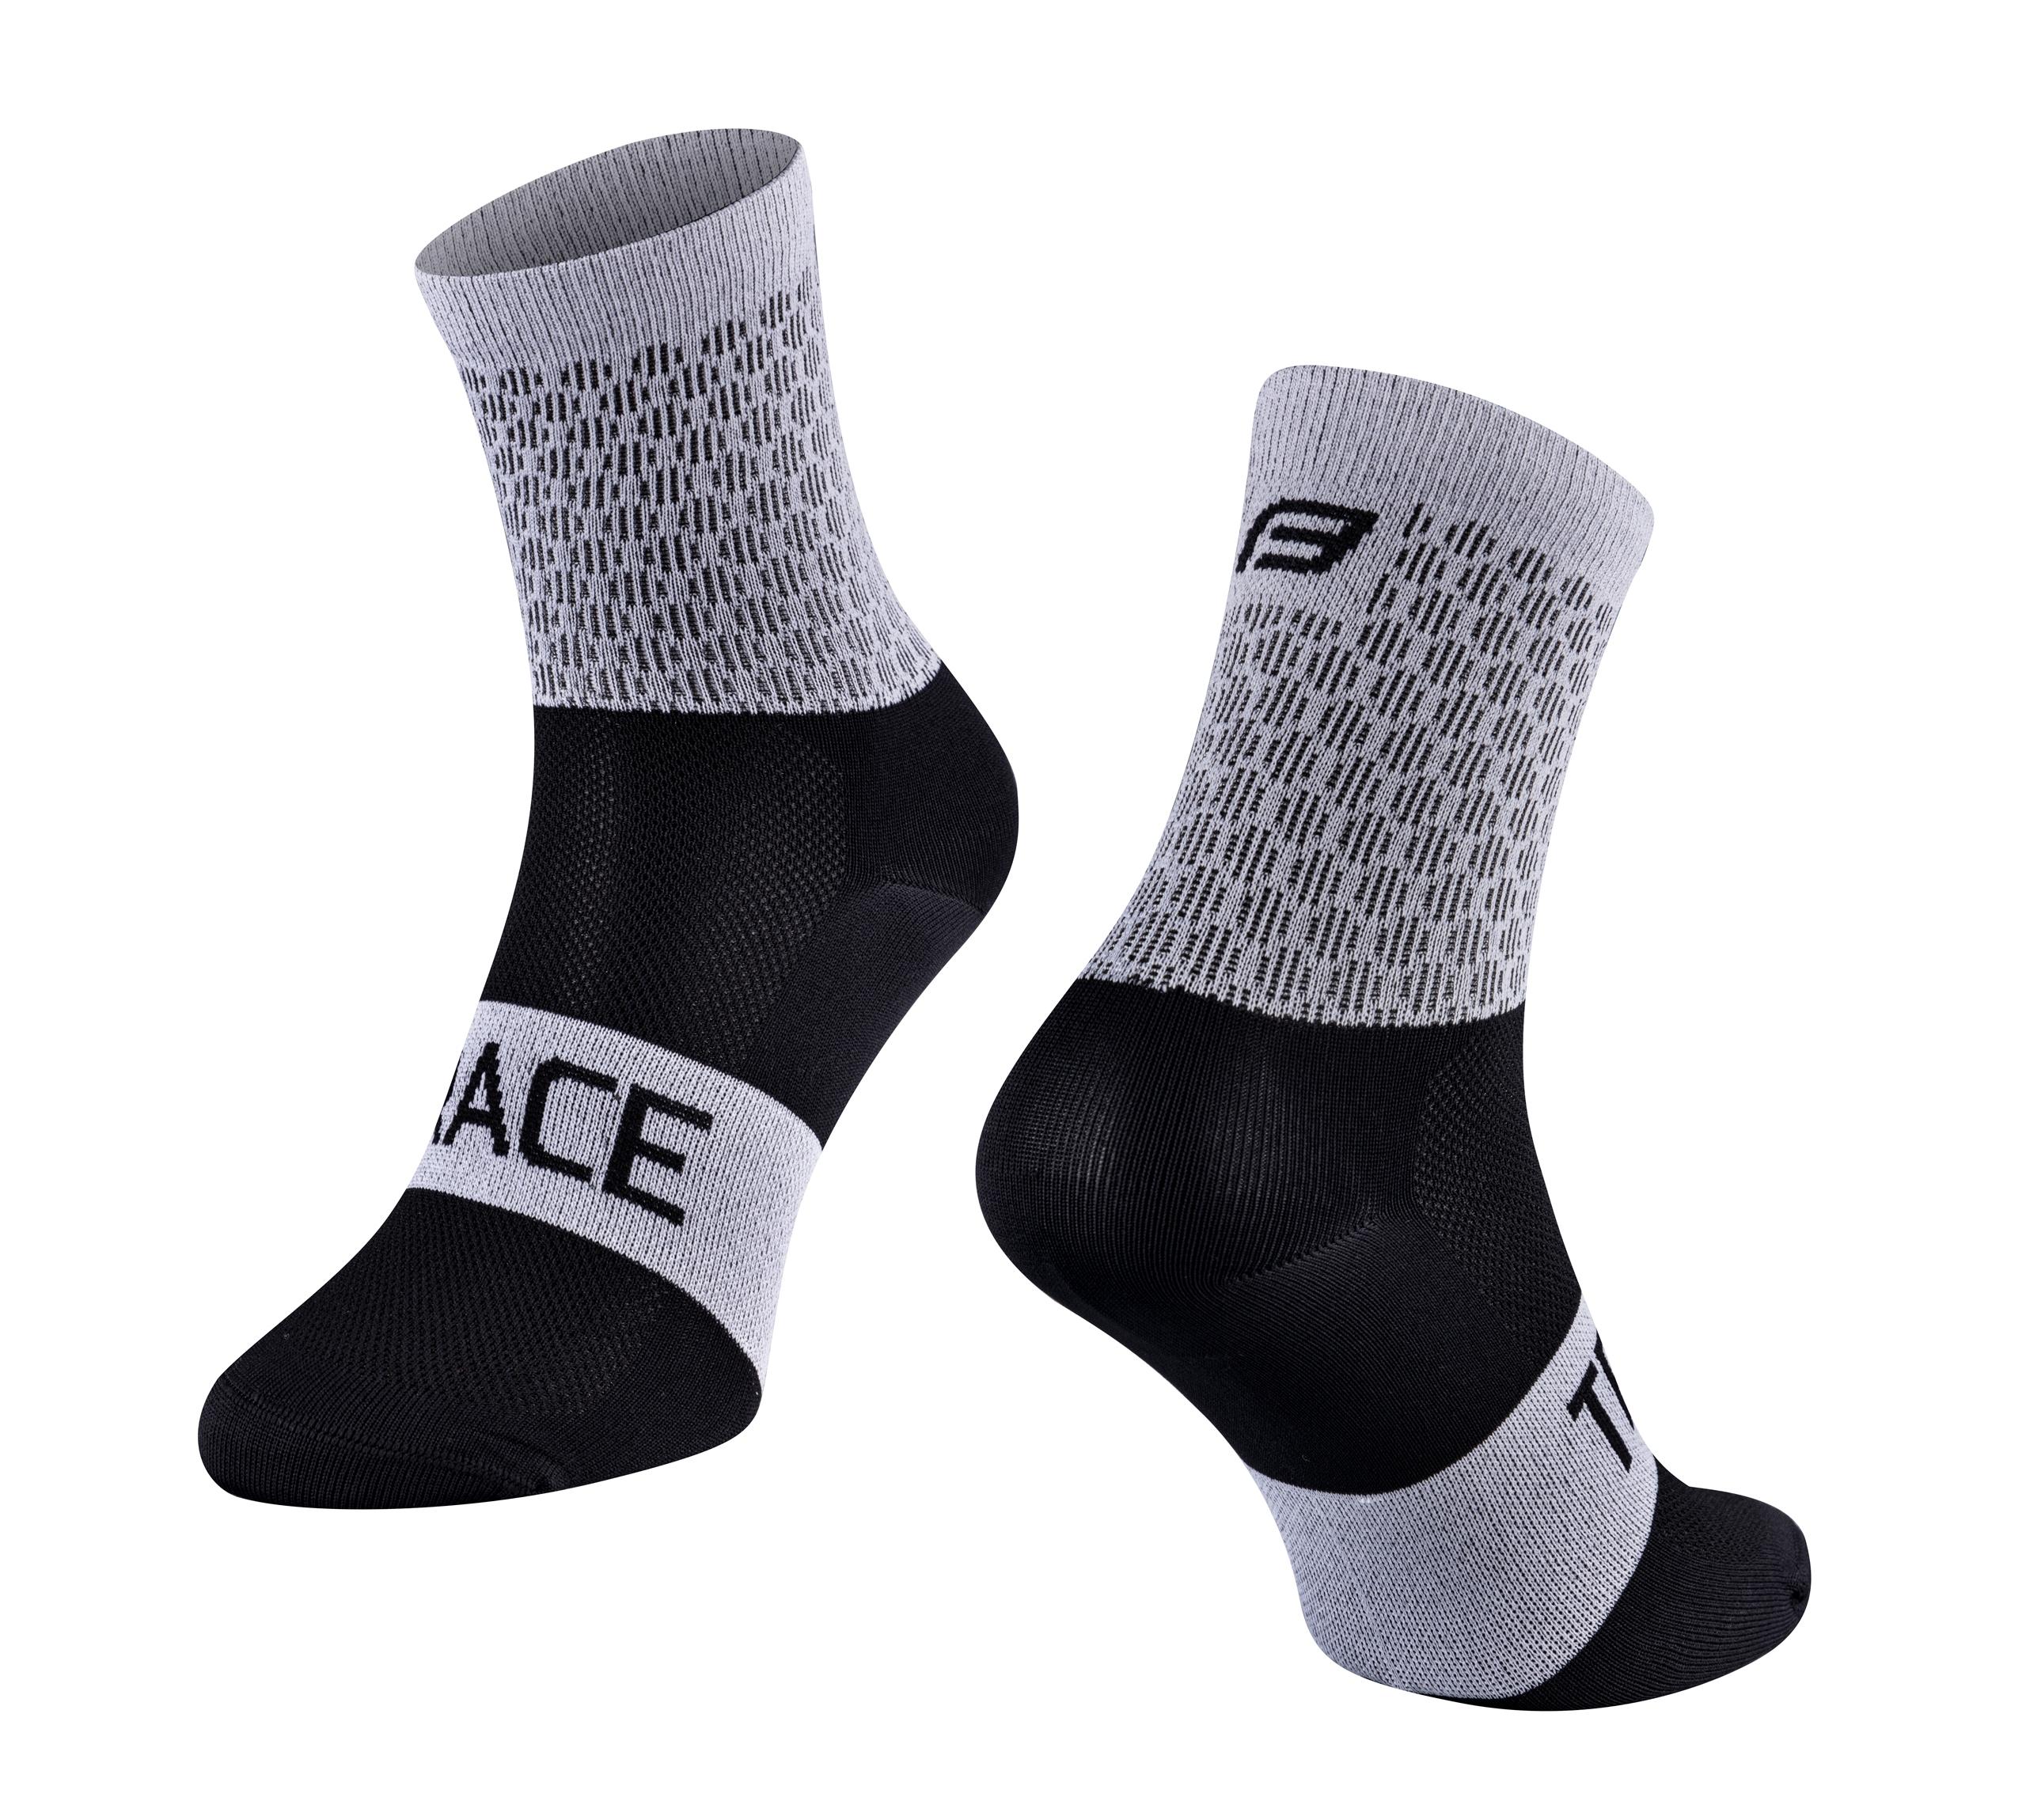 ponožky FORCE TRACE, bílo-černé S-M/36-41